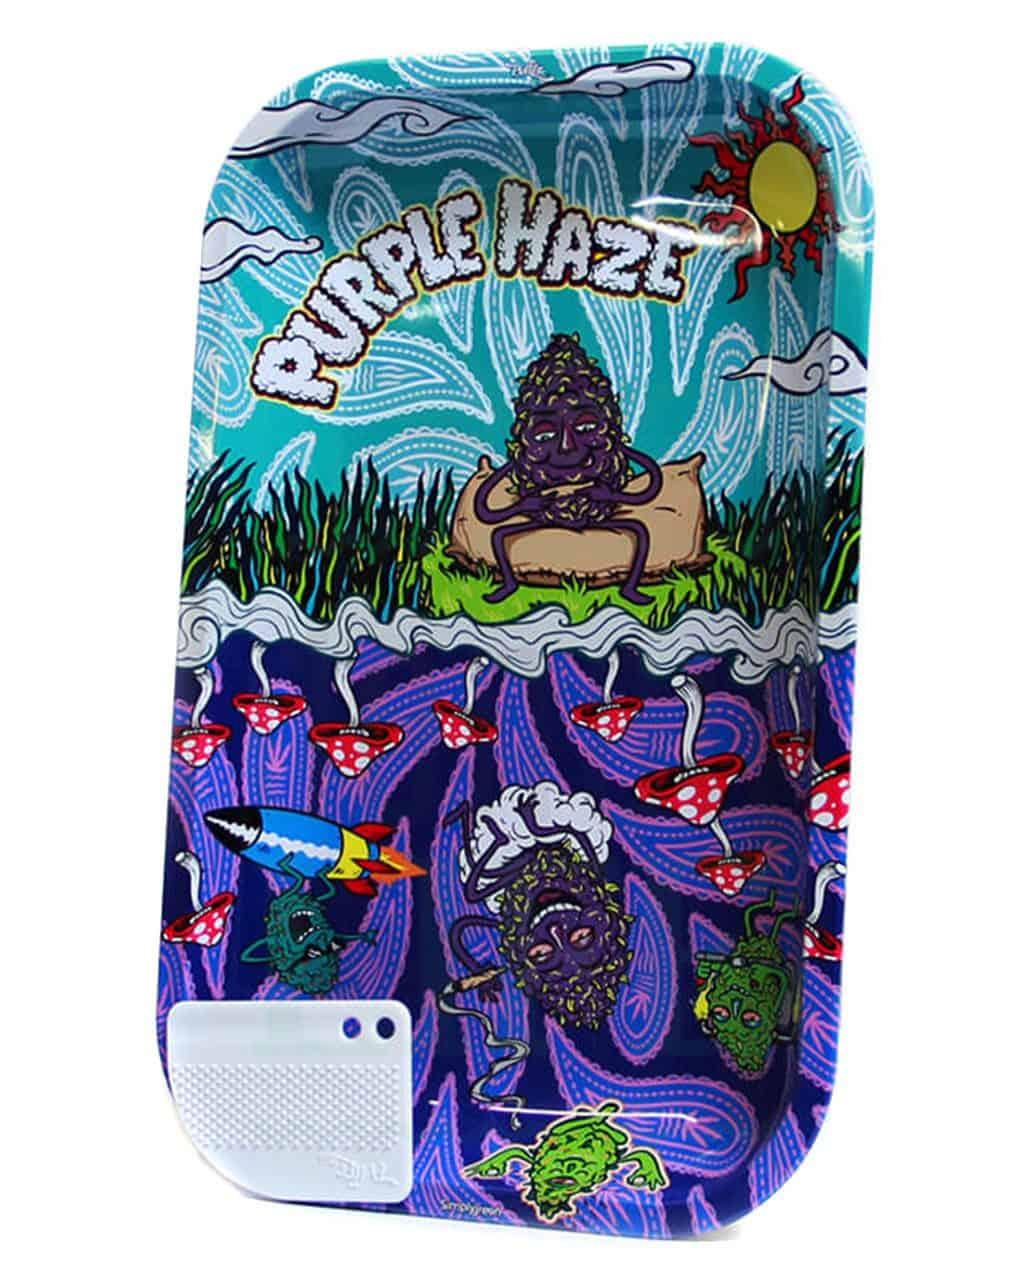 aus Metall BEST BUDS Rolling Tray 'Purple Haze' |  verschiedene Größen